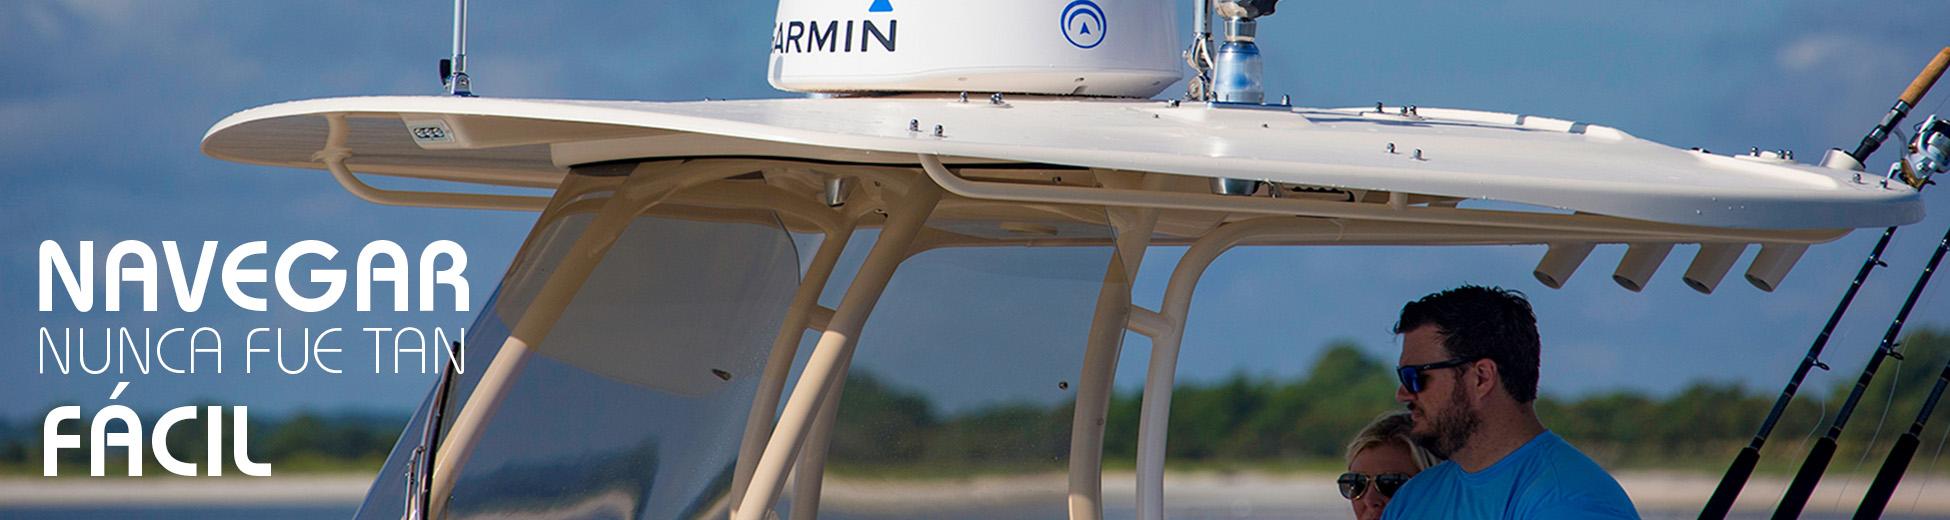 navegar es facil con ocinorte